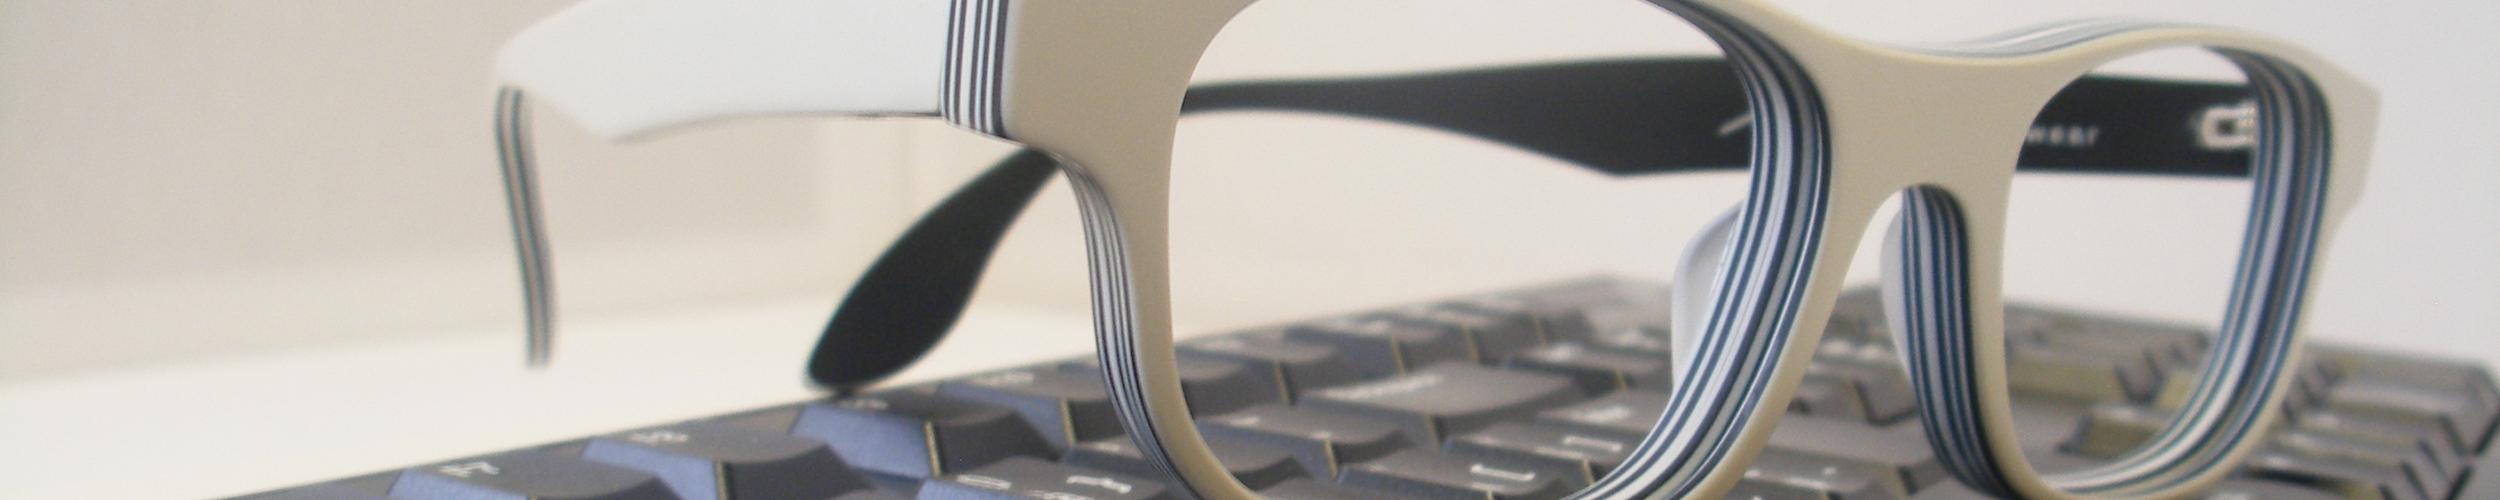 Computer -en kantoorbrillen